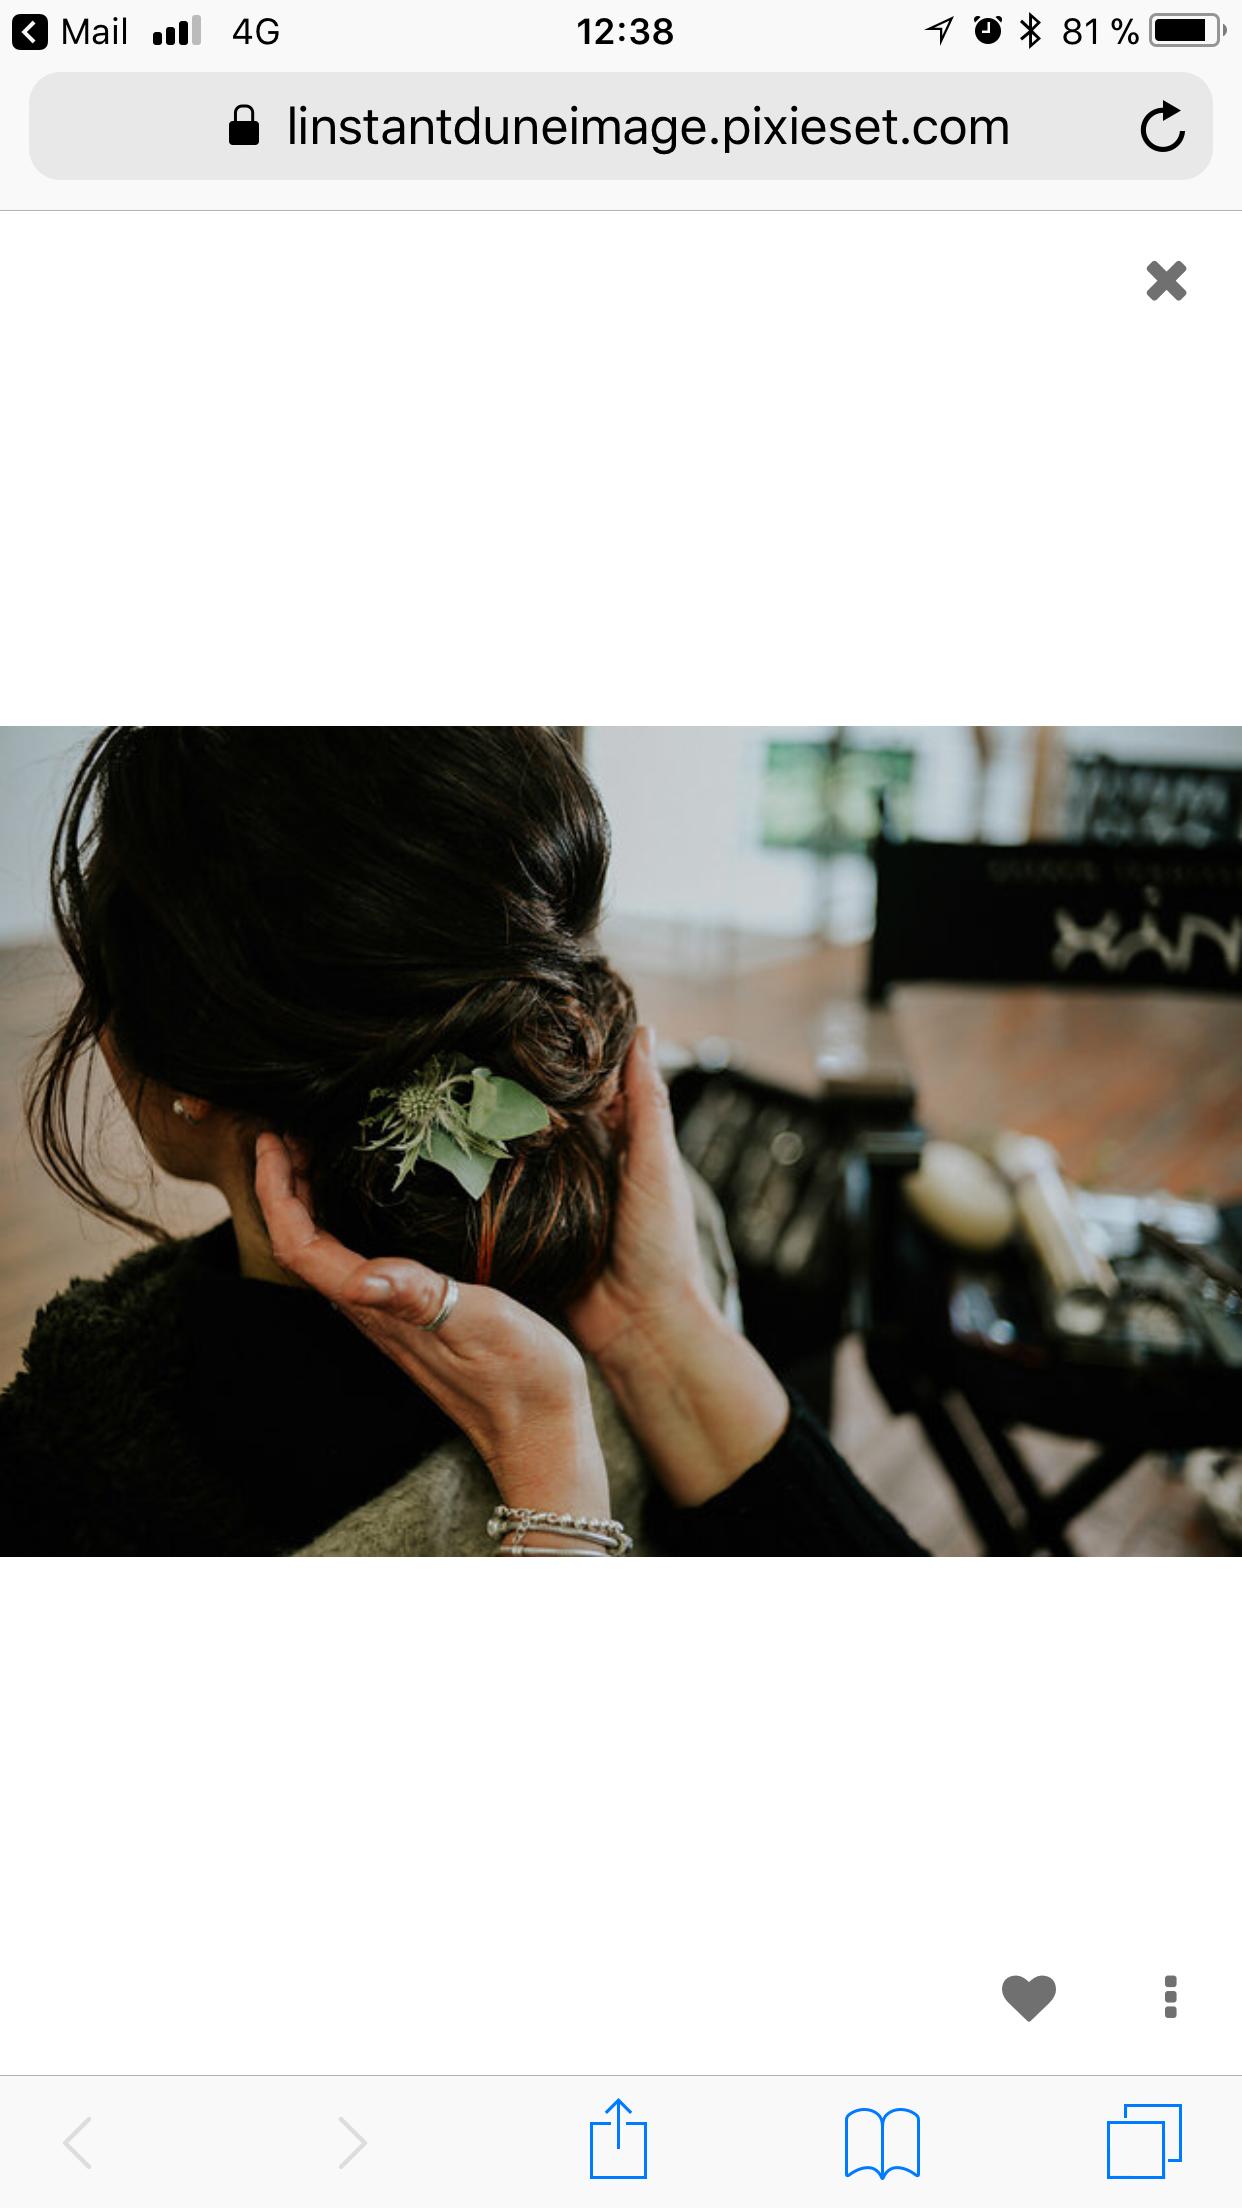 Marlene_coiffure Coiffeur à domicile  Coiffeuse a domicile